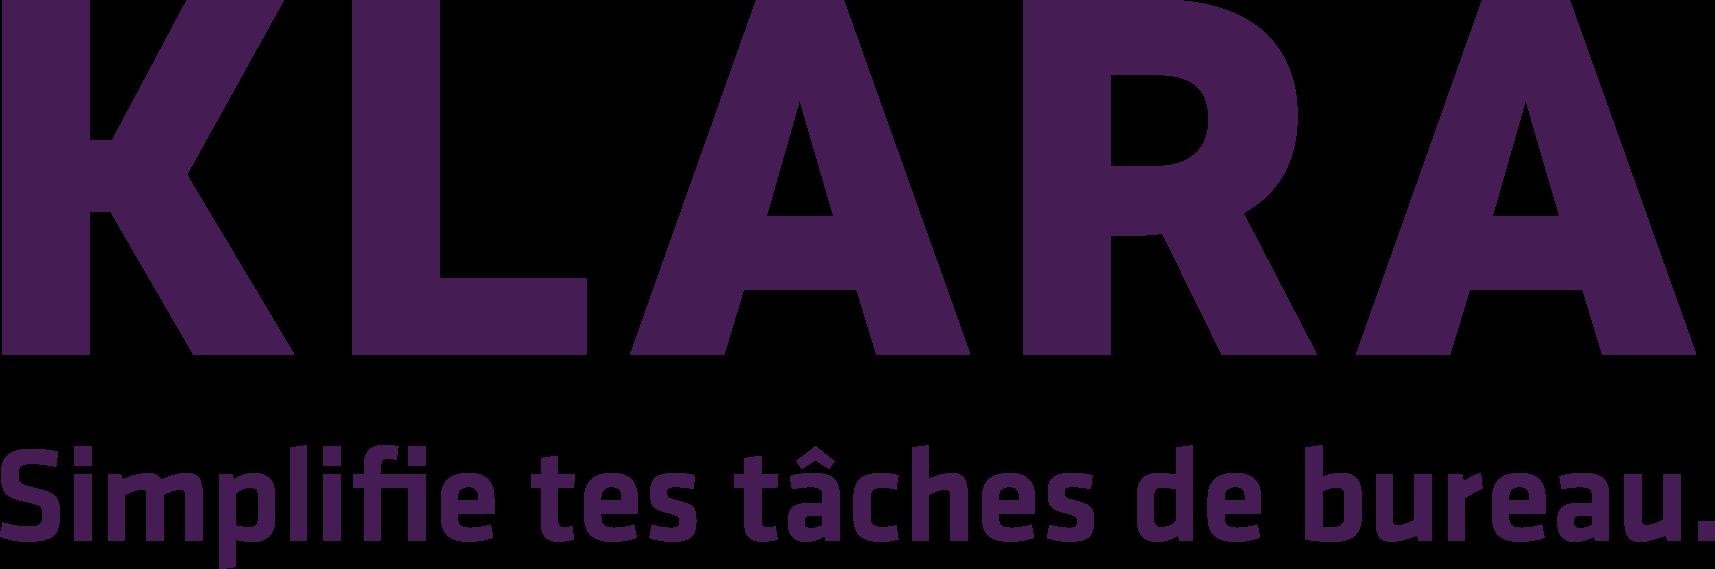 Klara_Logo_aubergine_fr_Claim_RGB.png